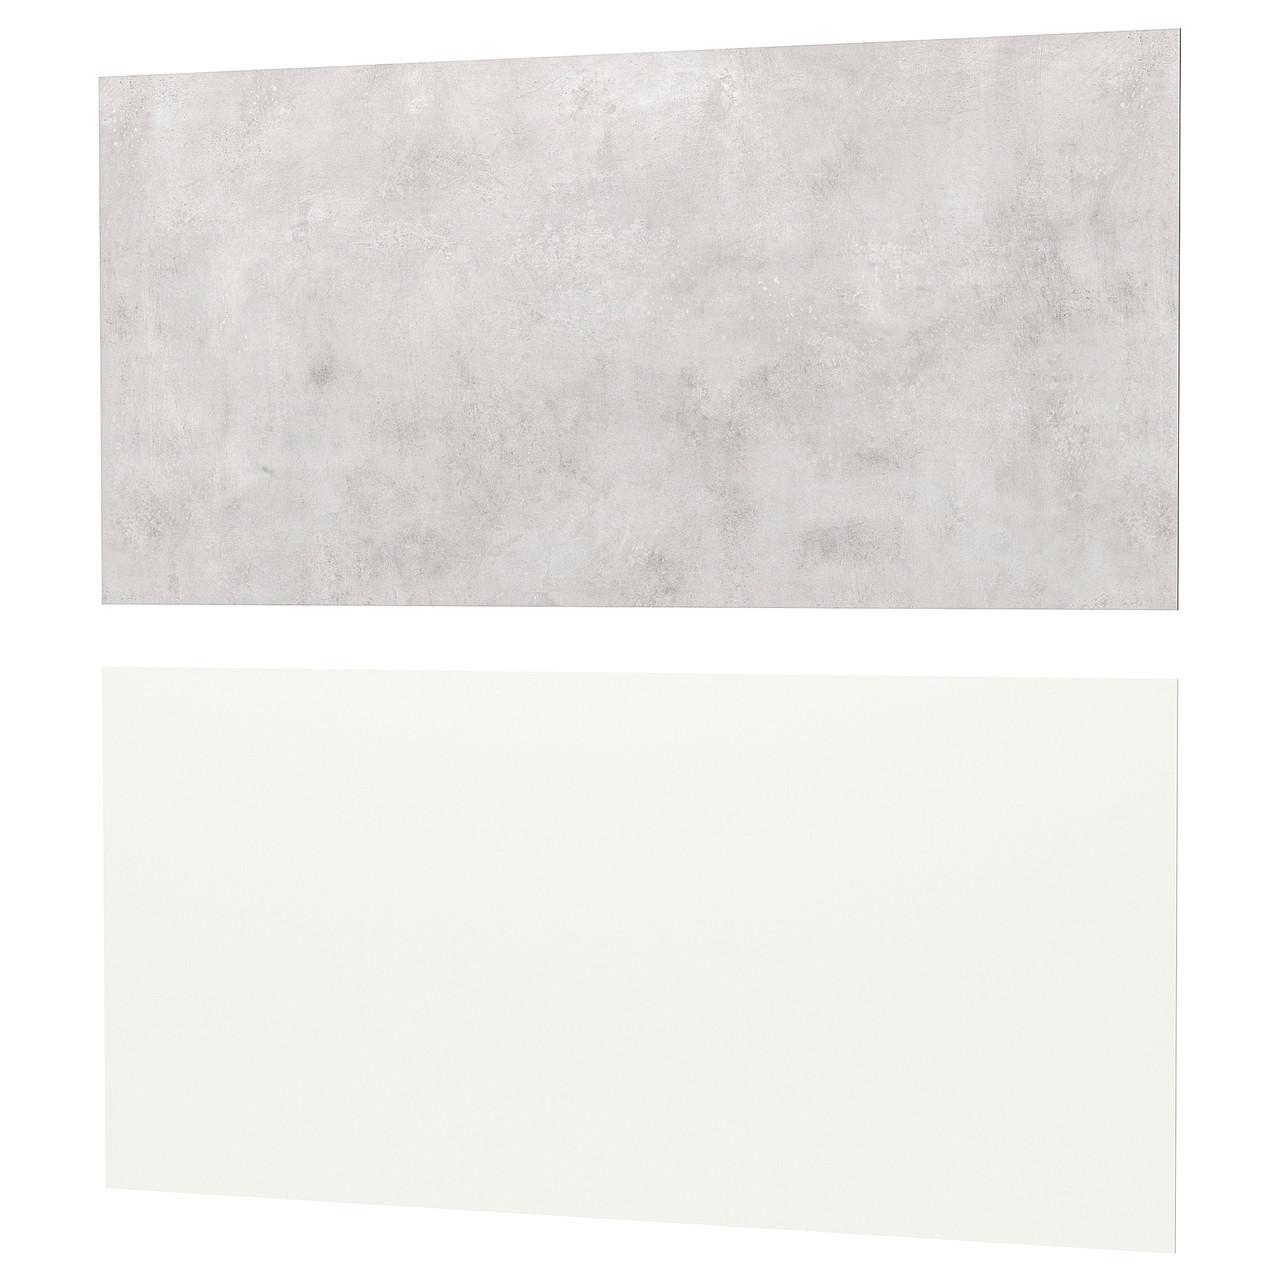 ЛИЗЕКИЛЬ Настенная панель, белый, светло-серый под бетон